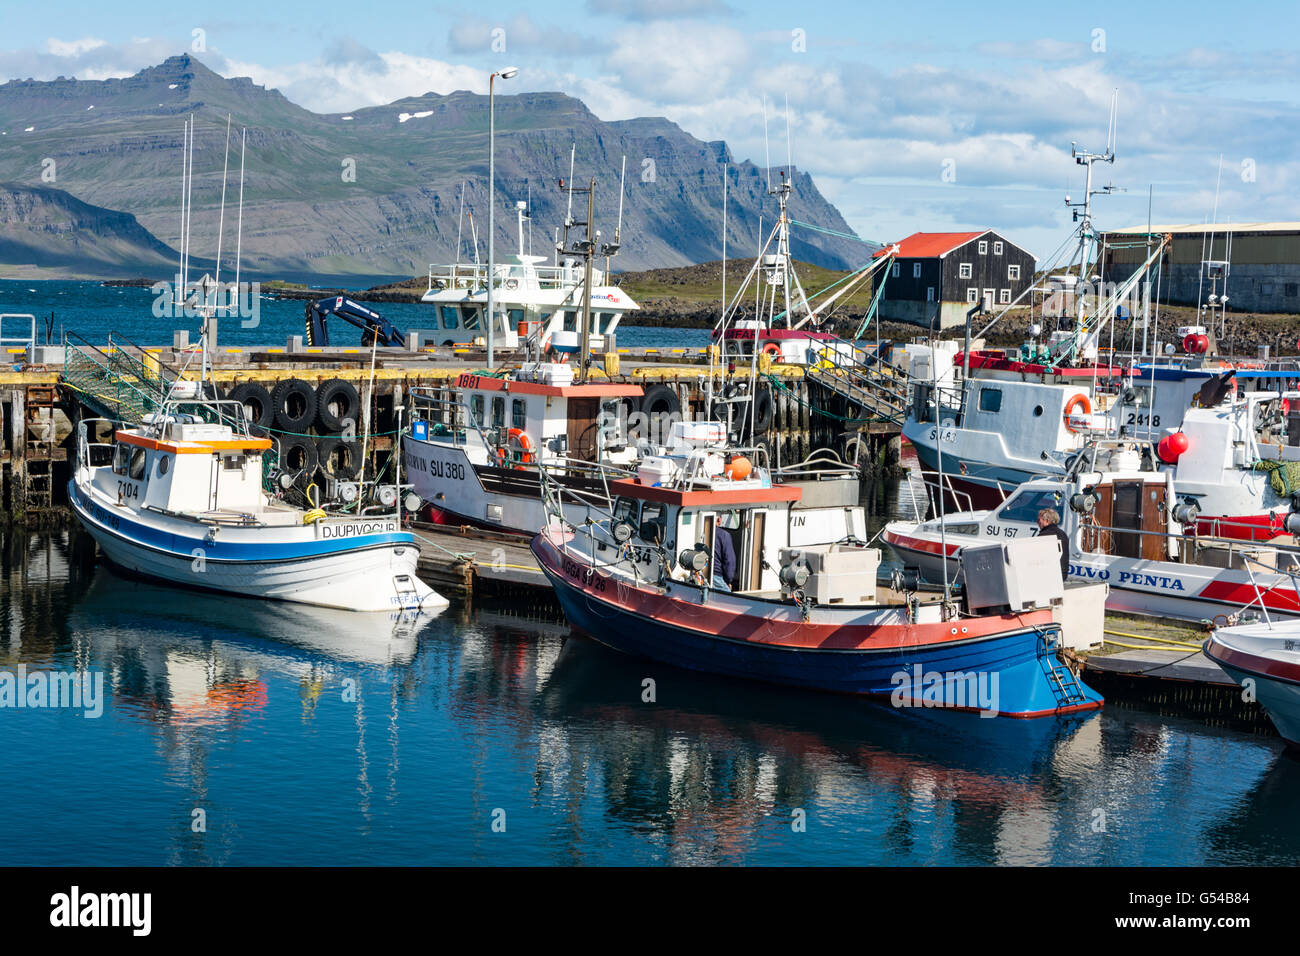 Iceland, Austurland, Djúpivogur, boats in the harbor town of Djúpivogur on Iceland - Stock Image